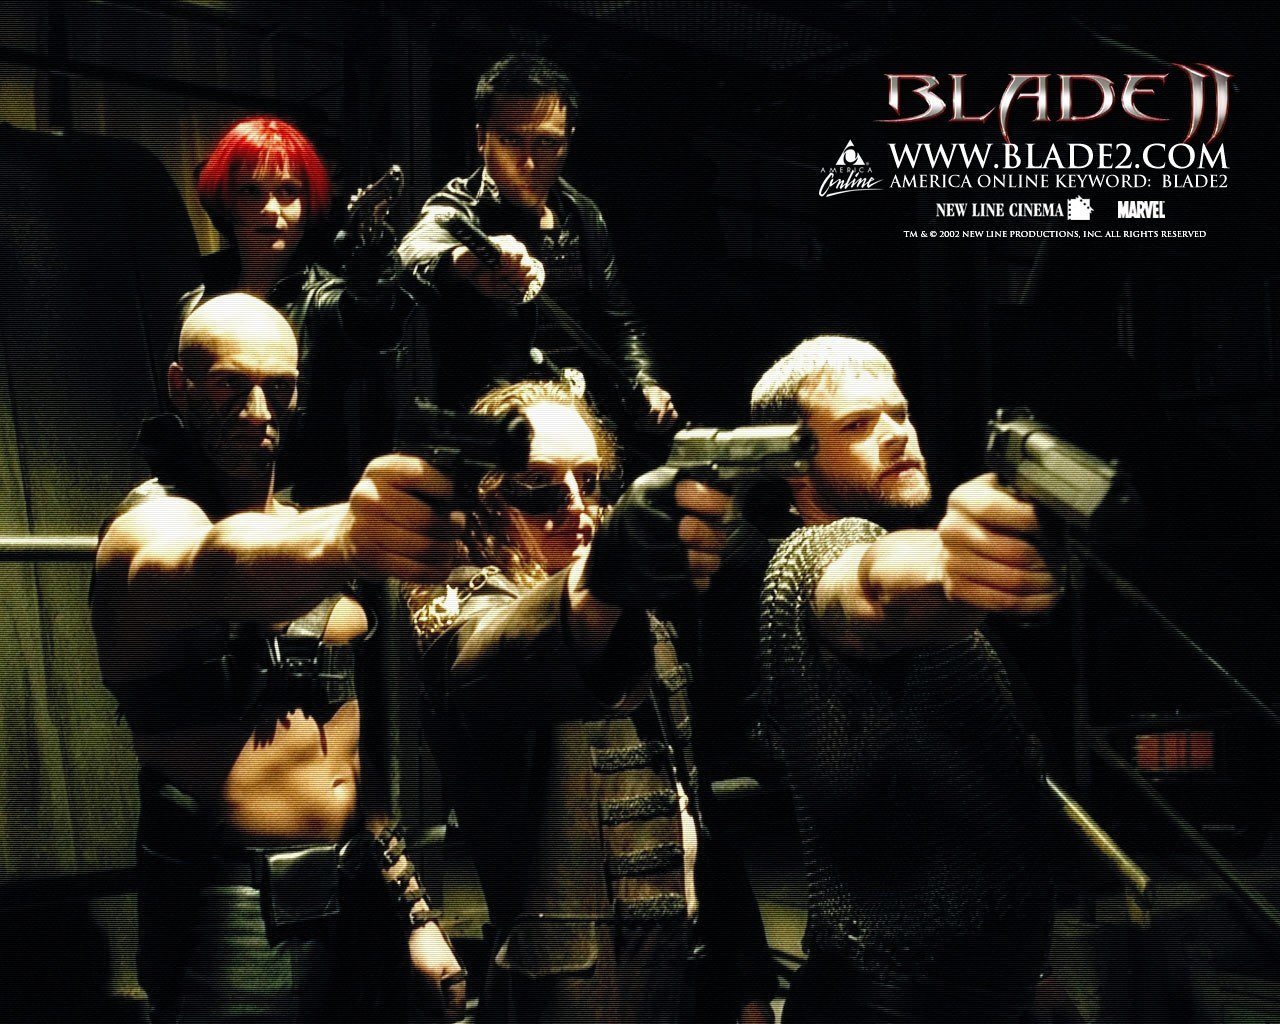 Un wallpaper del film Blade II